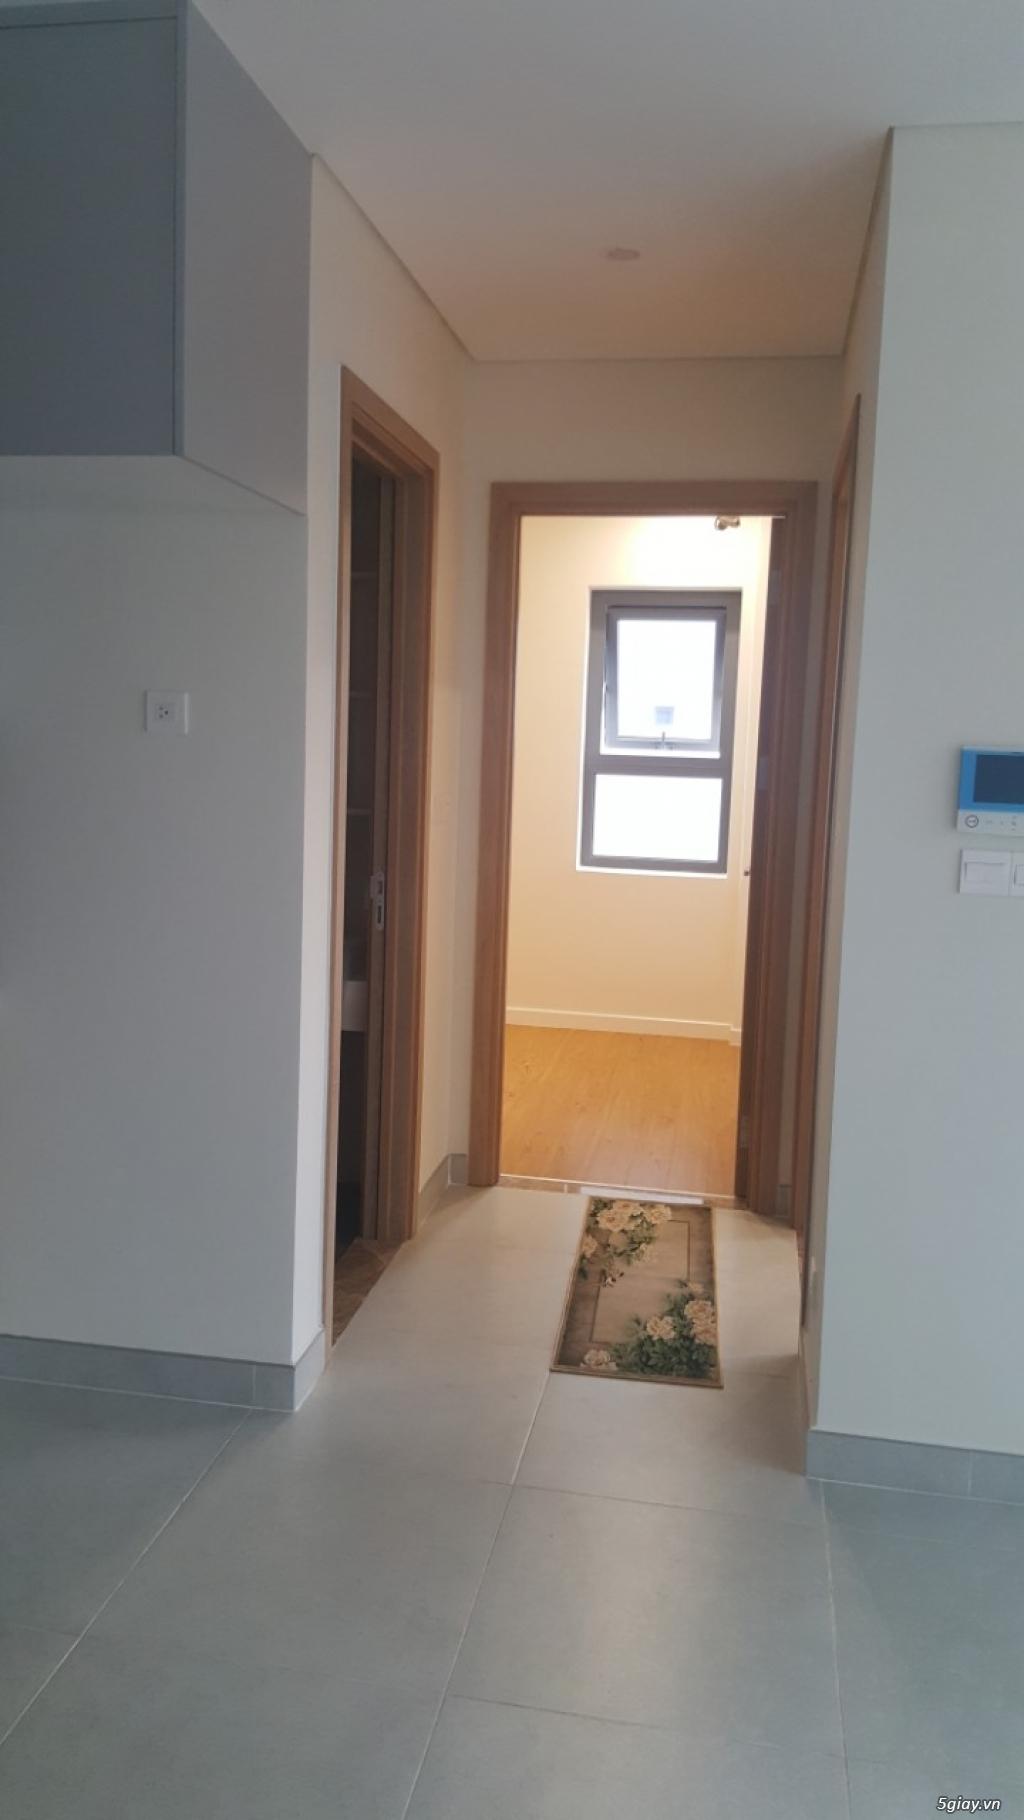 Bán căn hộ 2pn, chung cư Diamond Lotus Phúc Khang Q8 - 2